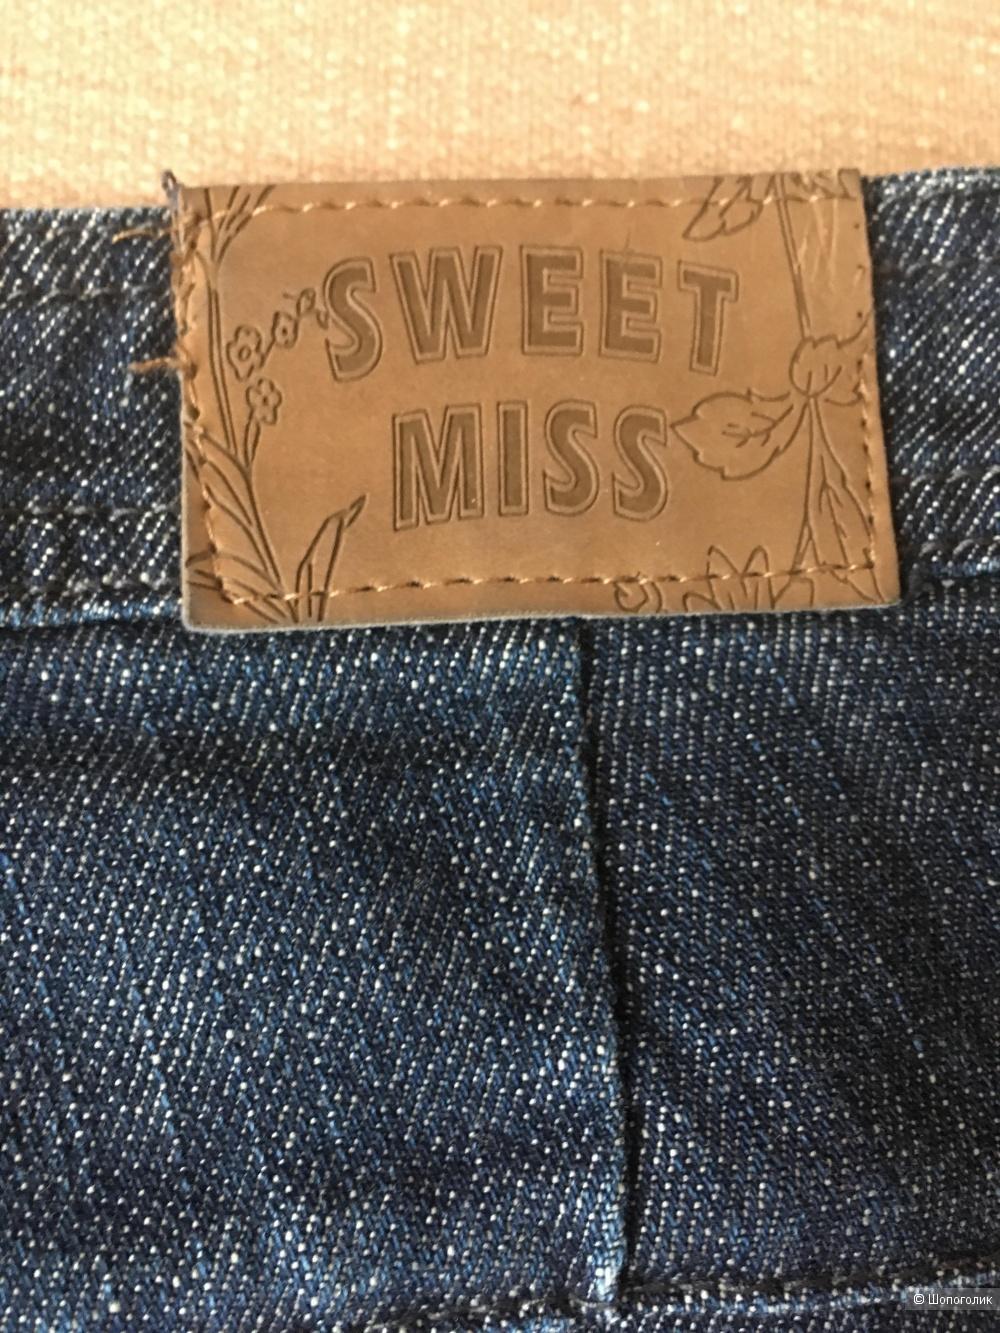 Джинсовые шорты Sweet Miss, размер M, 44